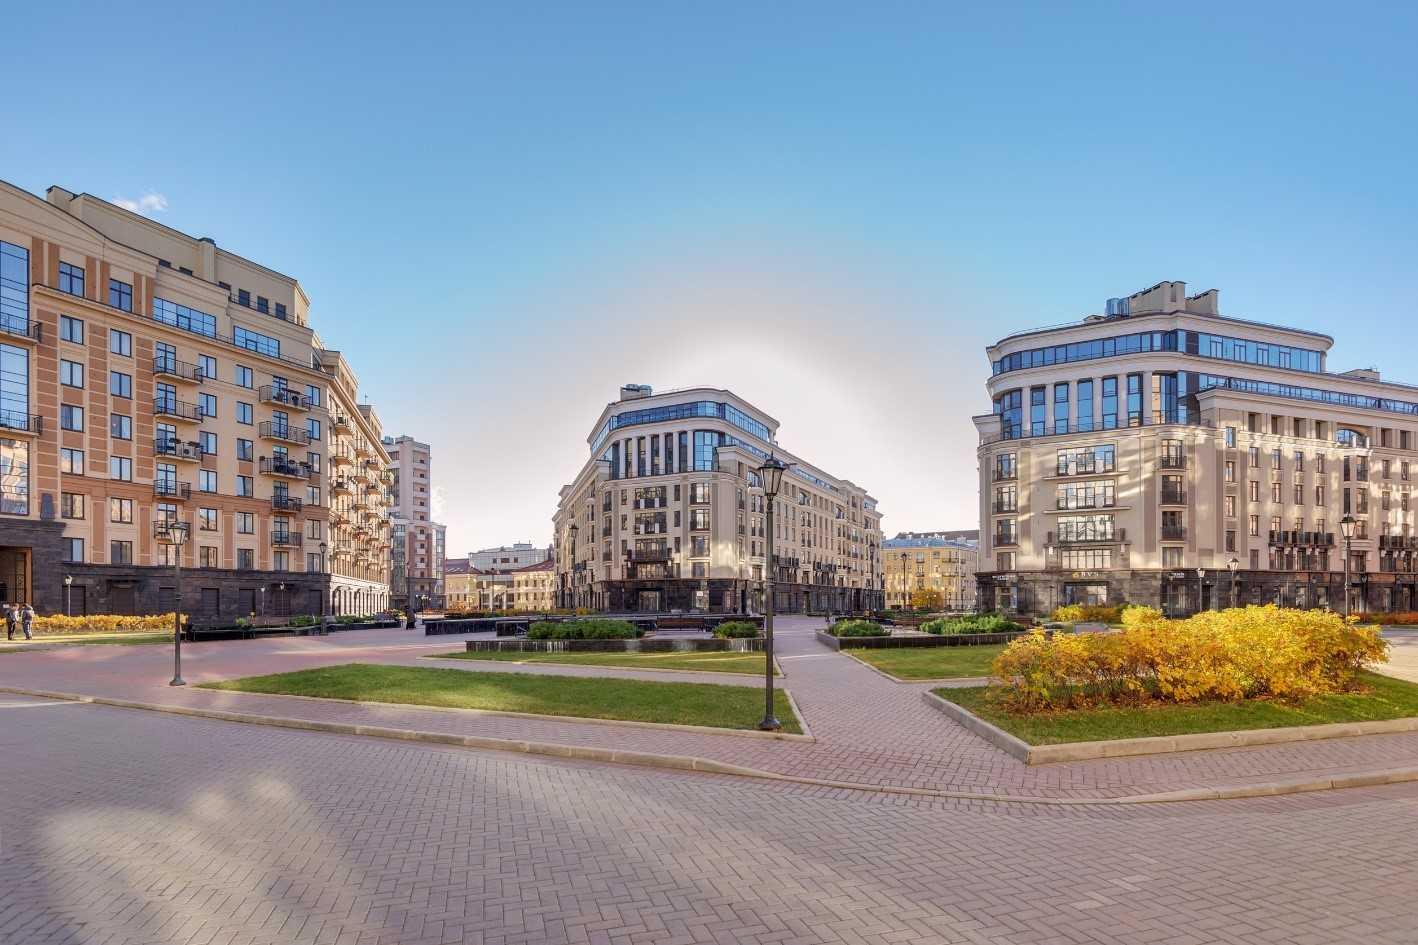 ЖК «Парадный квартал» - семейный уют в историческом центре Санкт-ПЕтербурга